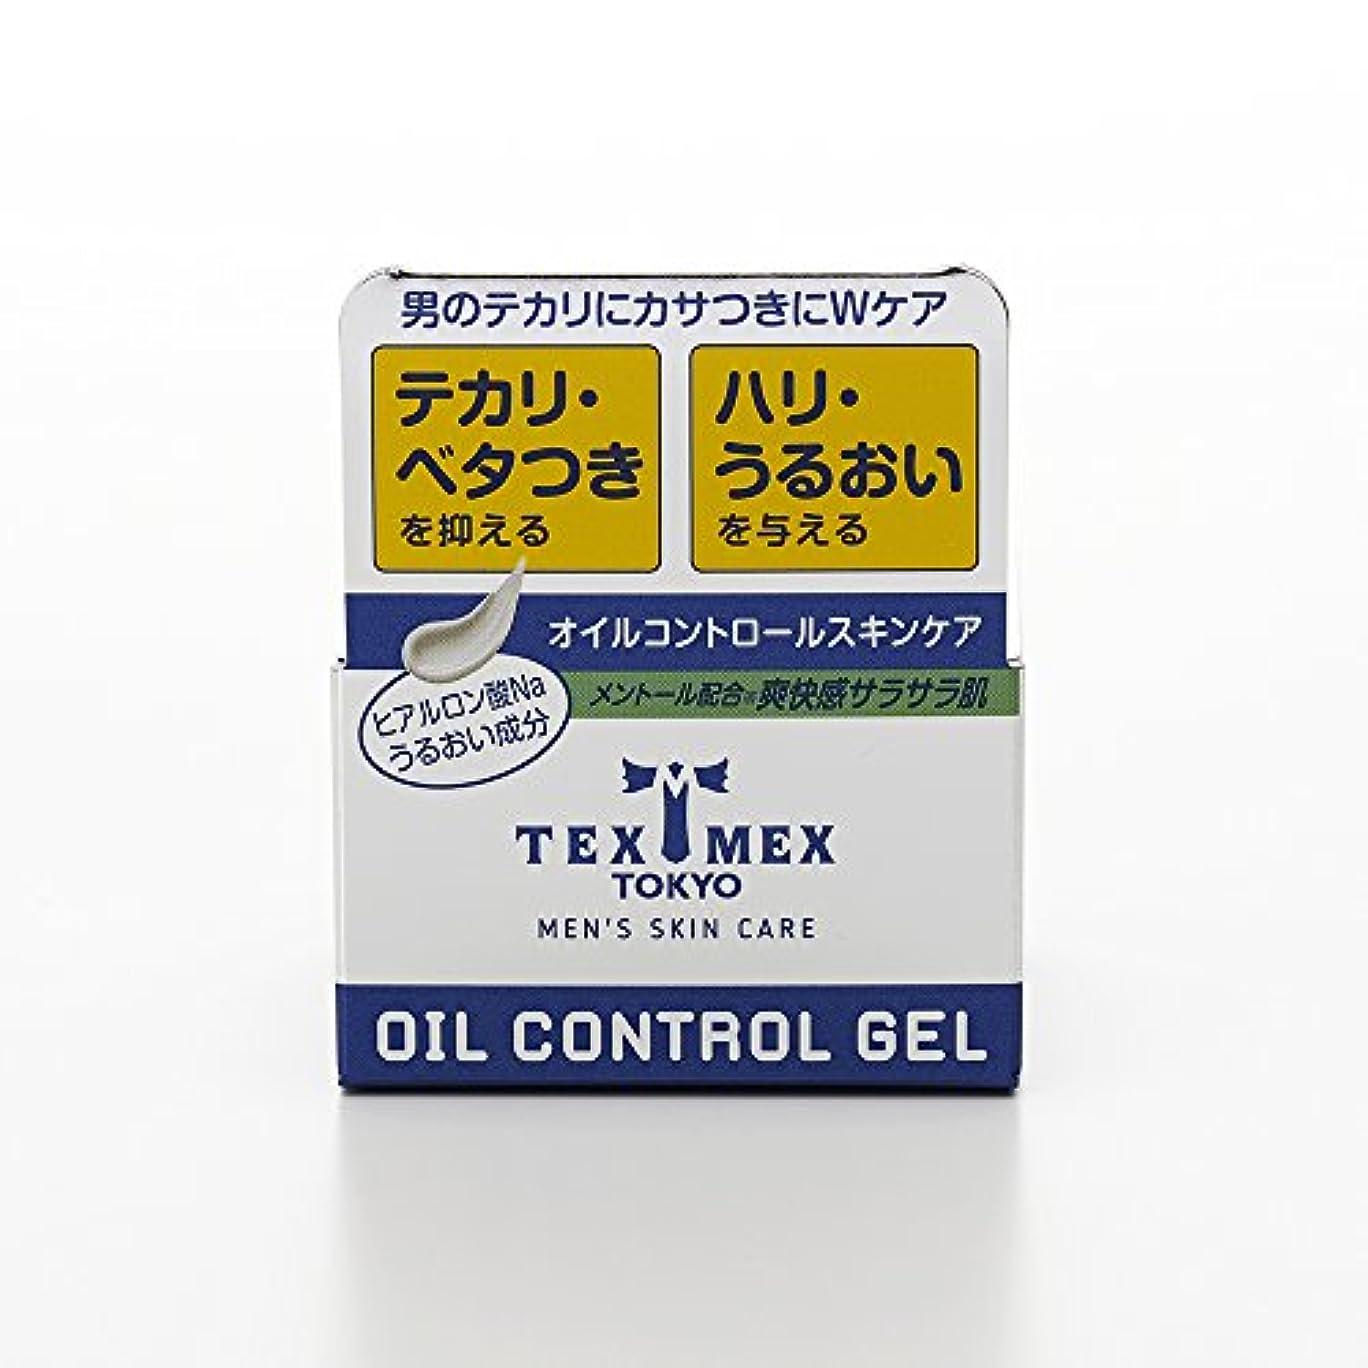 戸棚通知太陽テックスメックス オイルコントロールジェル 24g (テカリ防止ジェル) 【塗るだけでサラサラ肌に】